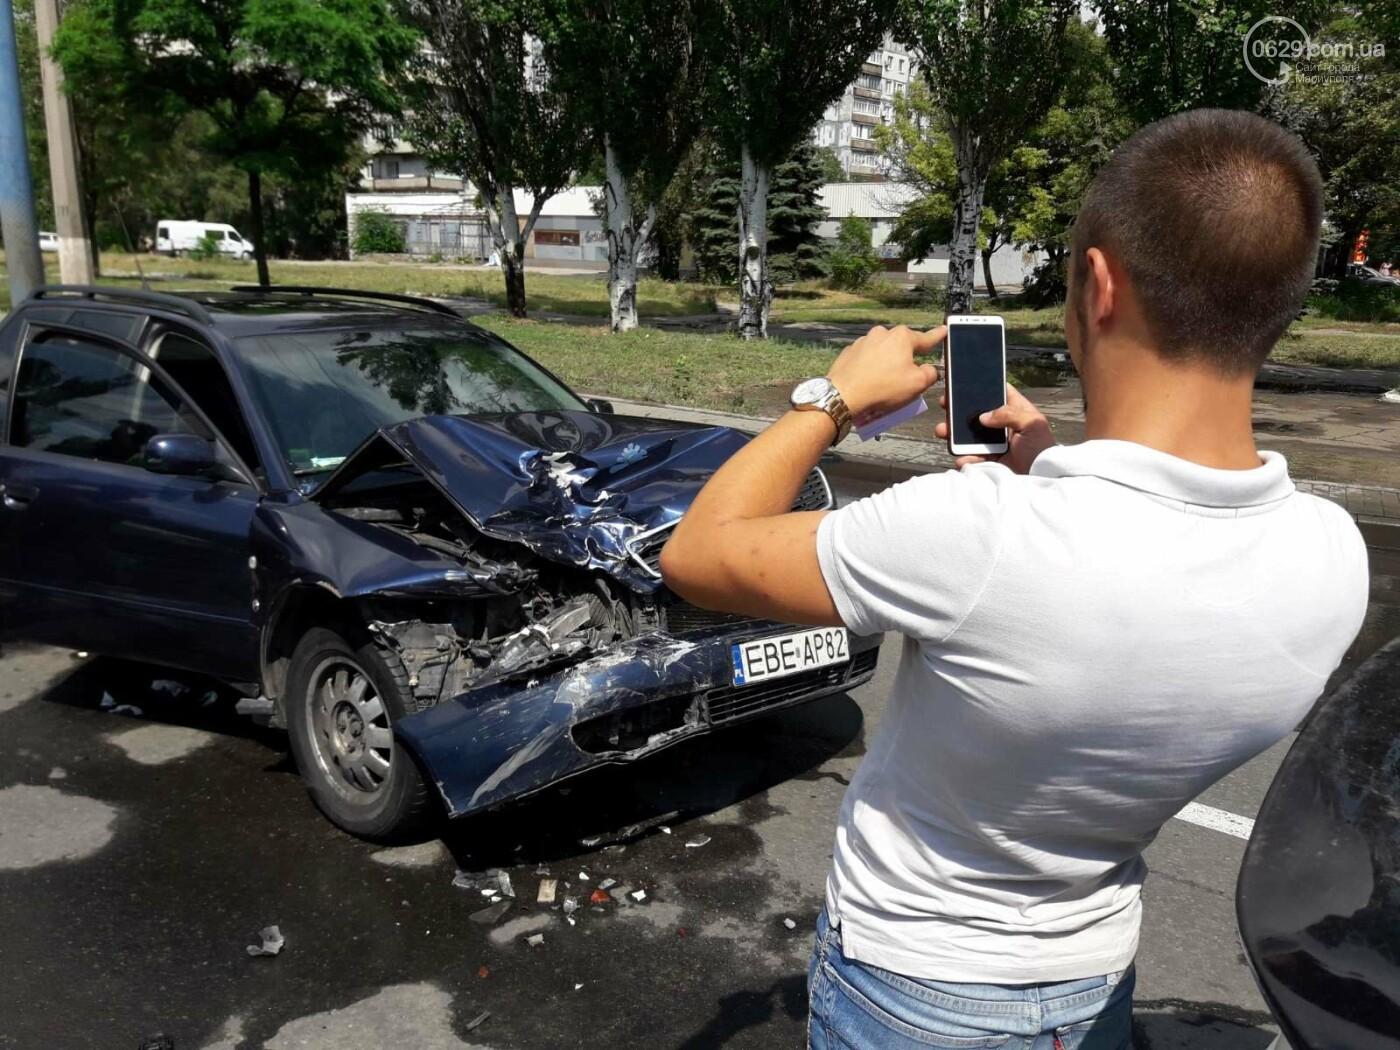 В Мариуполе Audi на полном ходу врезался в ВАЗ. Есть пострадавший, - ФОТО, фото-2